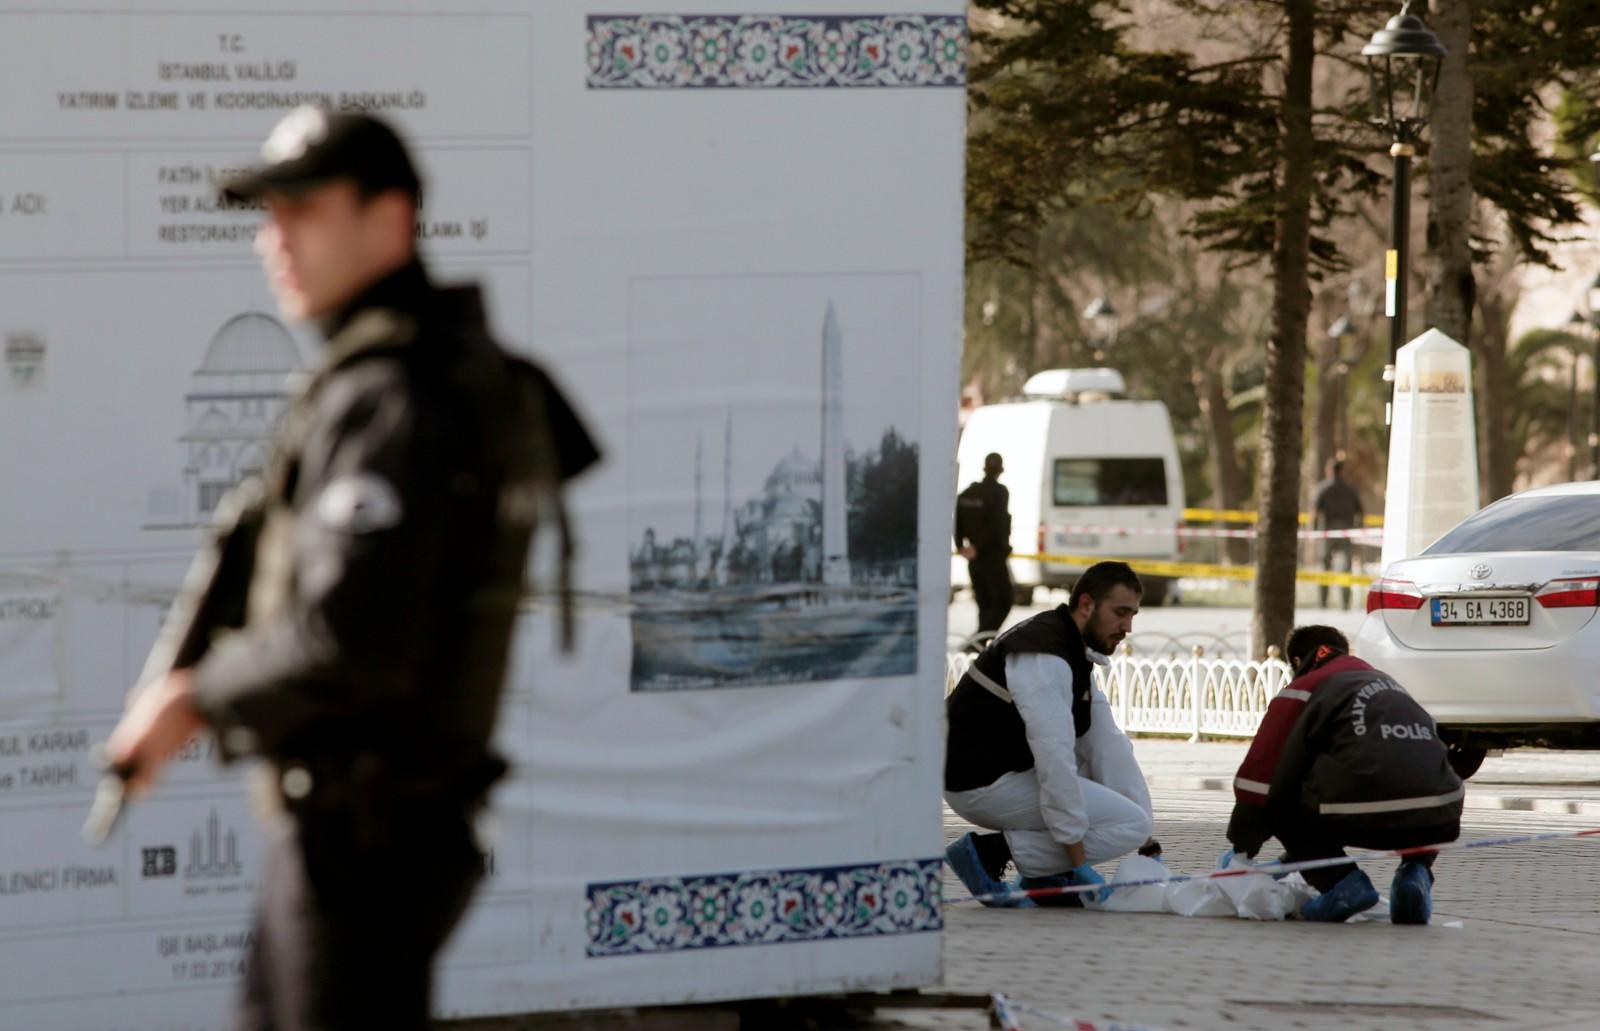 Politimenn leitar etter bevis som kan gi svar på kva som var årsaka til eksplosjonen.